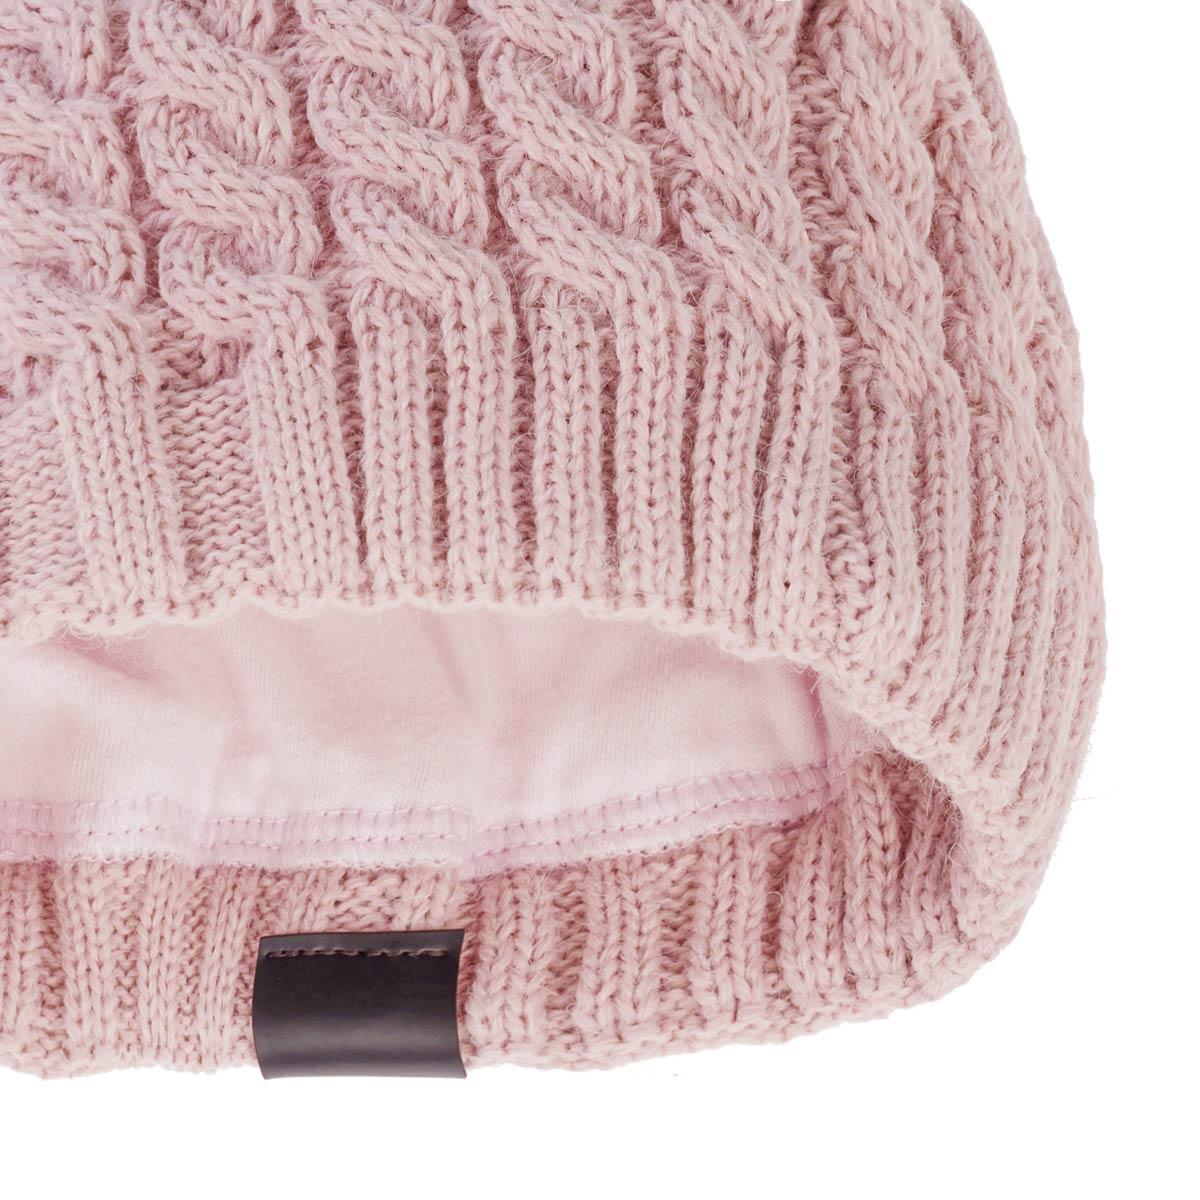 CP-01665_D12-1--_Bonnet-femme-rose-tricot-doublure-coton